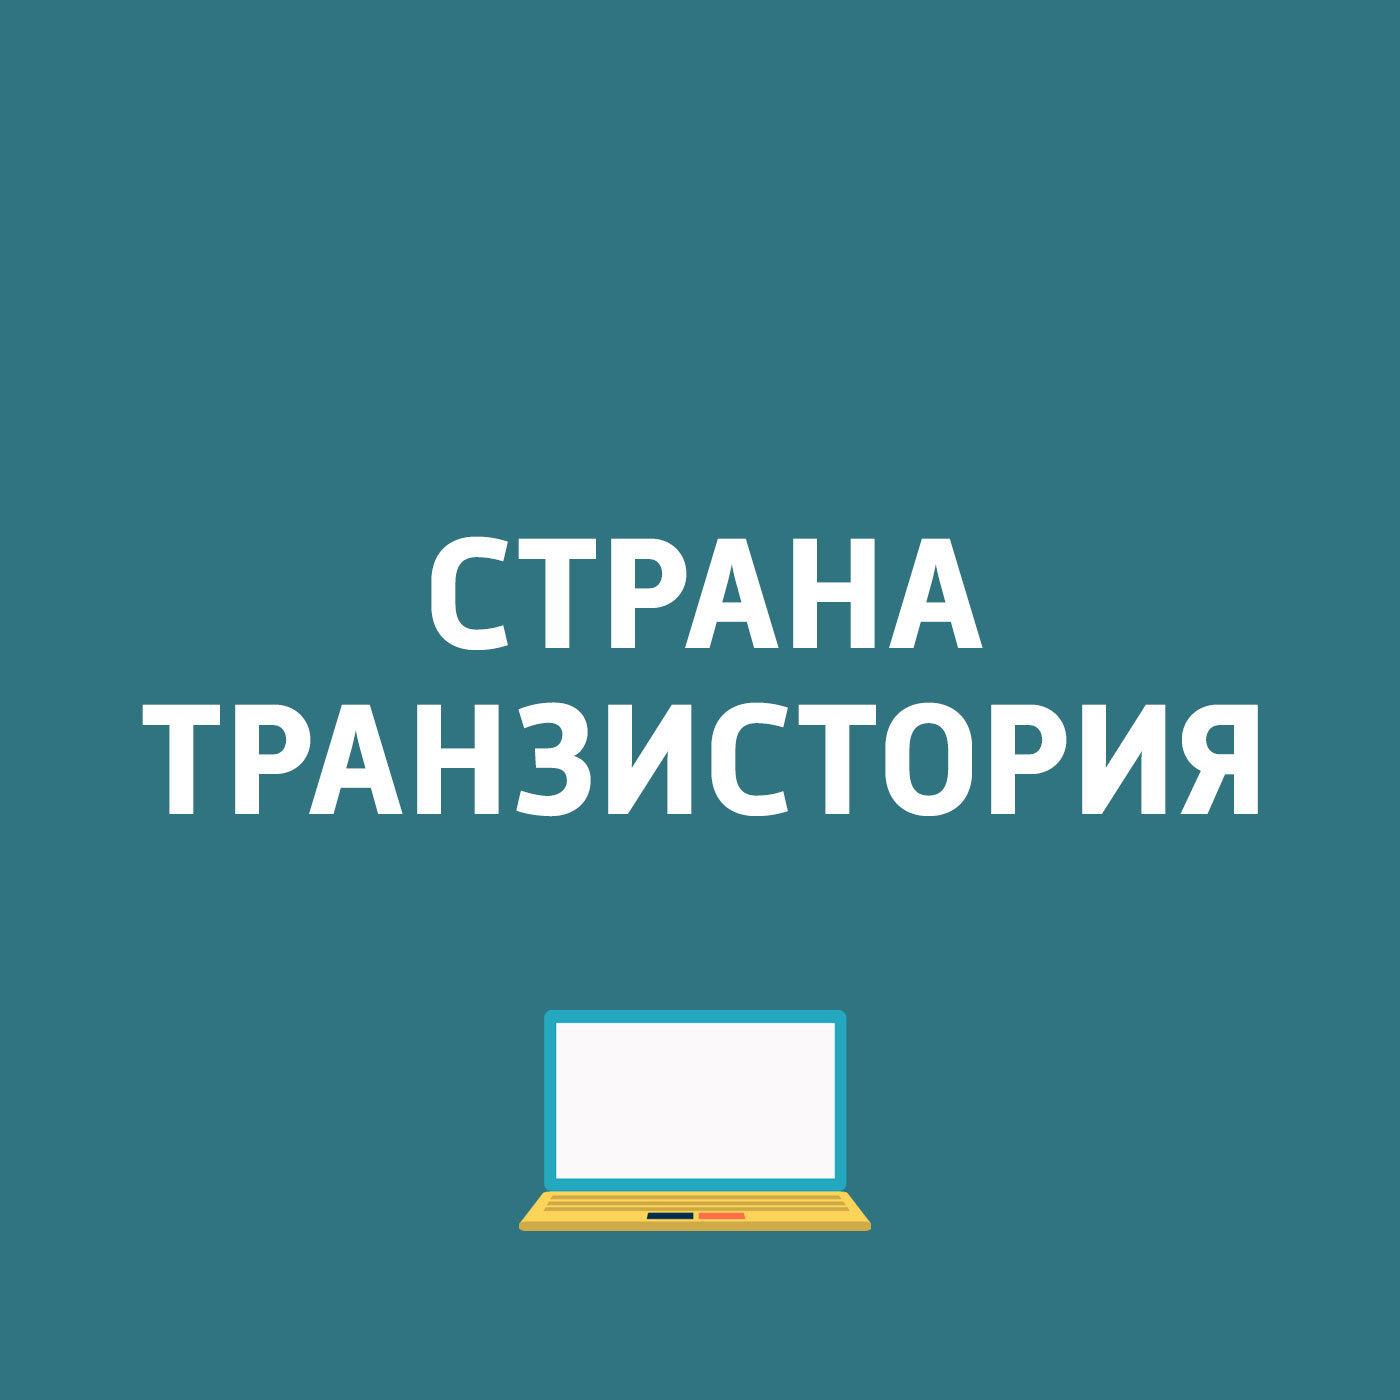 Картаев Павел Презентация смартфона Find X; YouTube Music и YouTube Premium заработали в 12 новых странах, в том числе и в России картаев павел презентация флагманов huawei